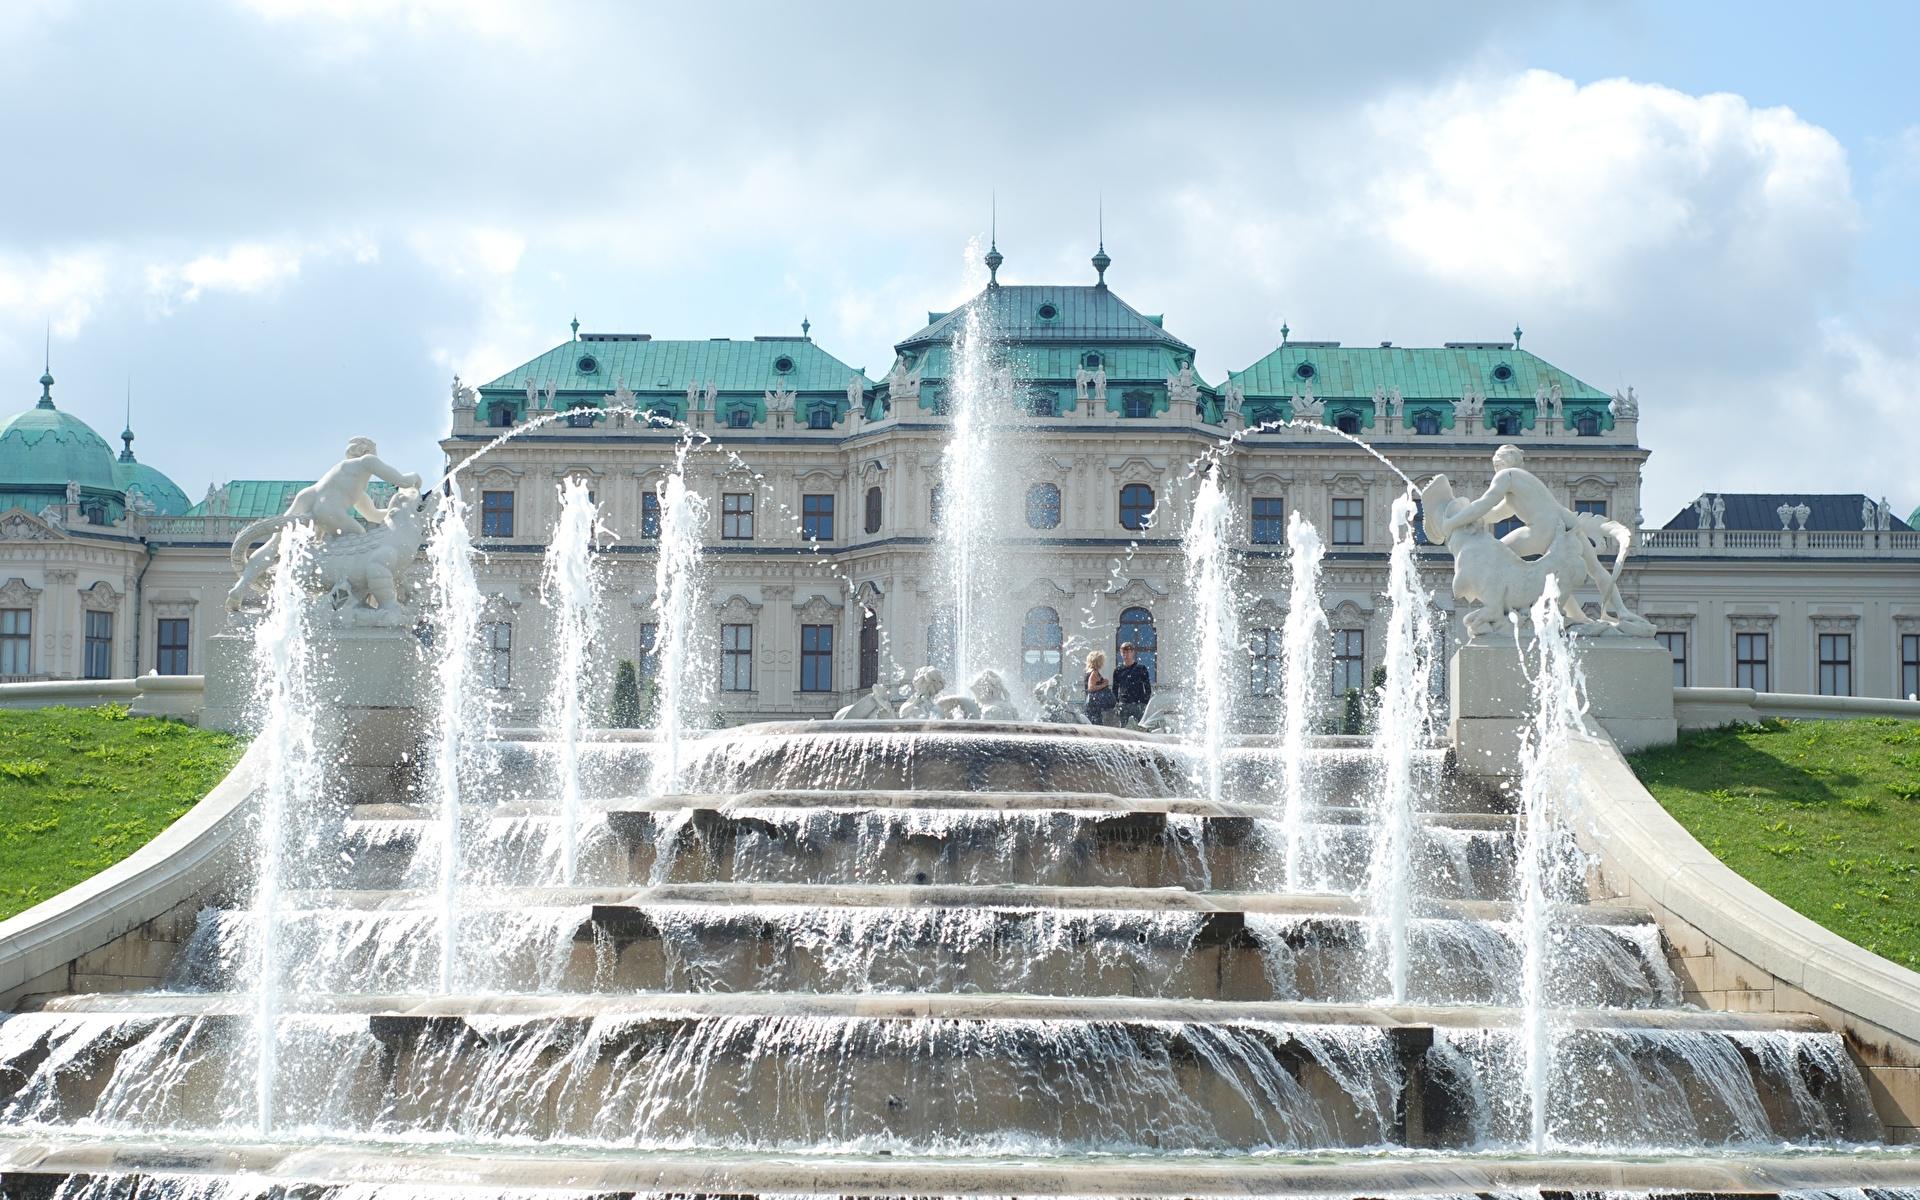 Фотографии Вена дворца Австрия Фонтаны Palace complex Belvedere Города скульптура 1920x1200 Дворец город Скульптуры